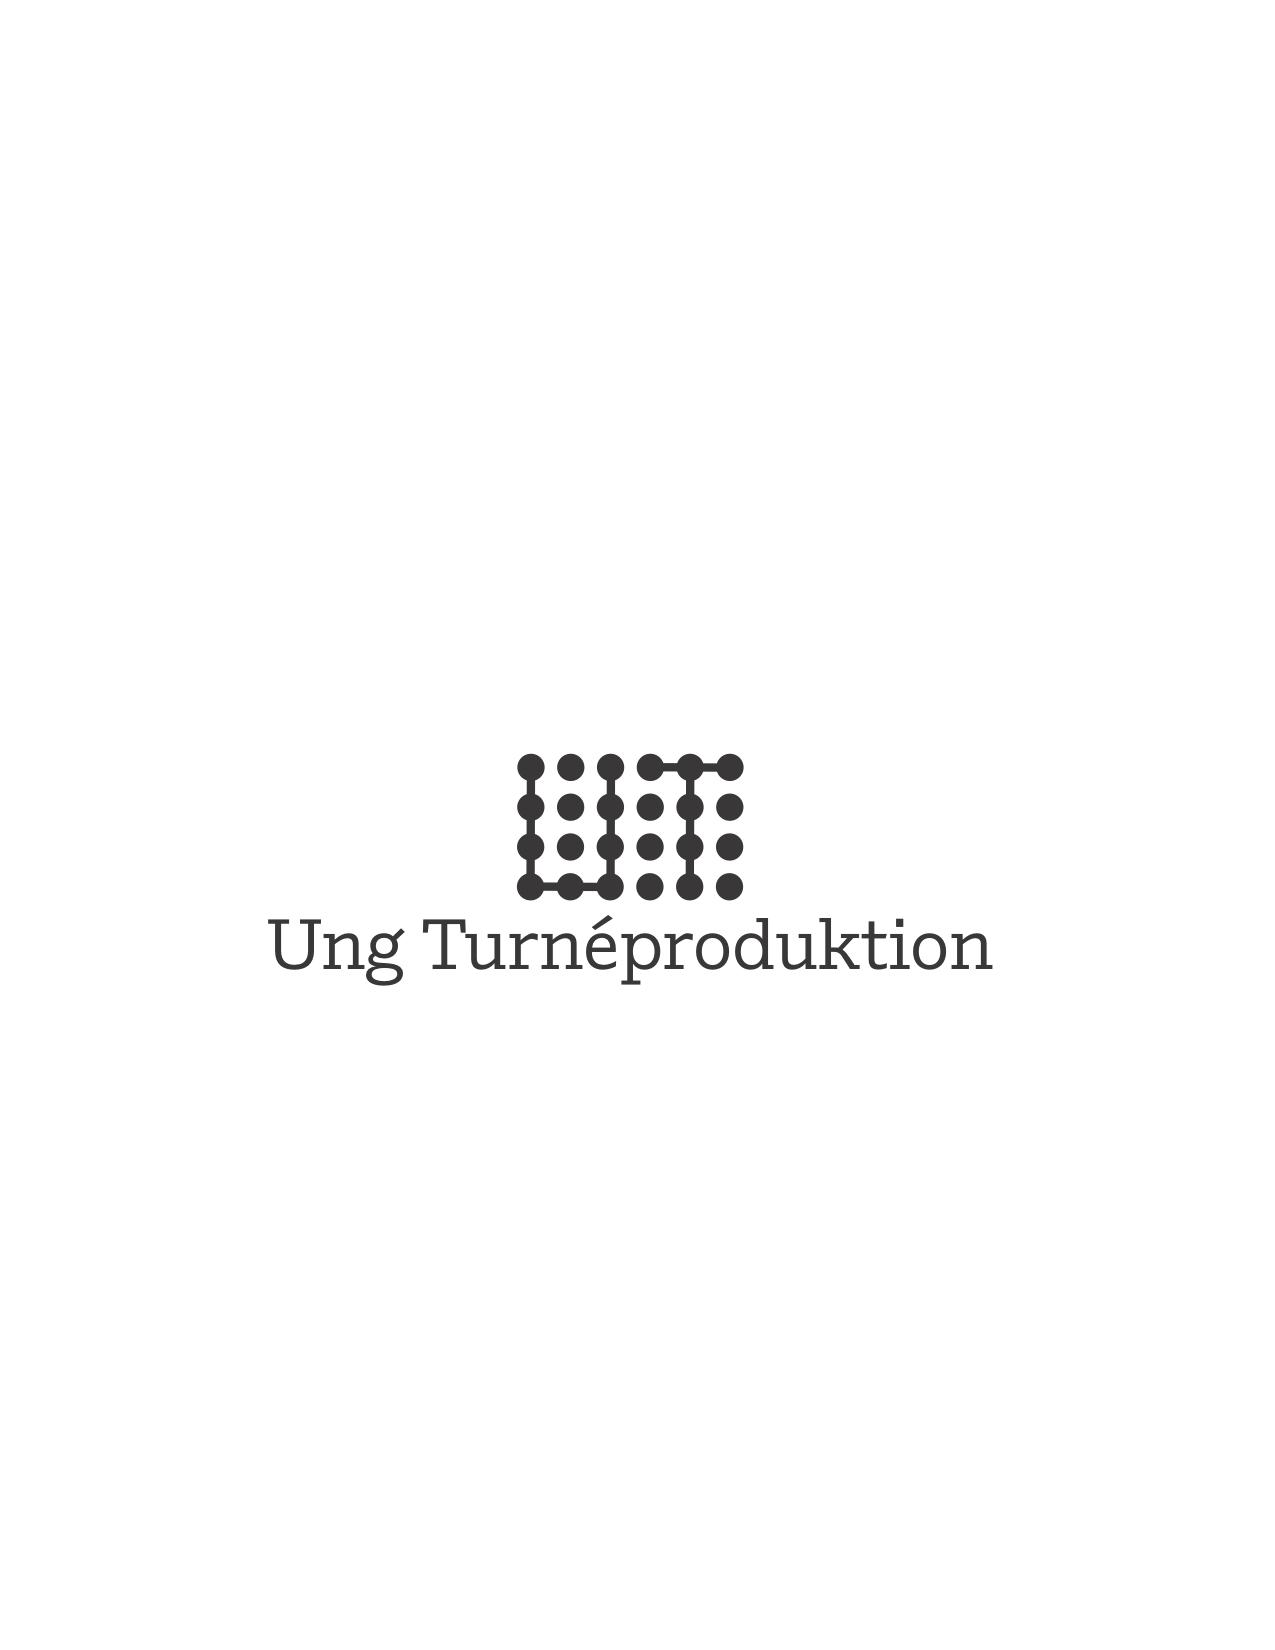 UT_Logotype_Ny_Final jpeg.jpg